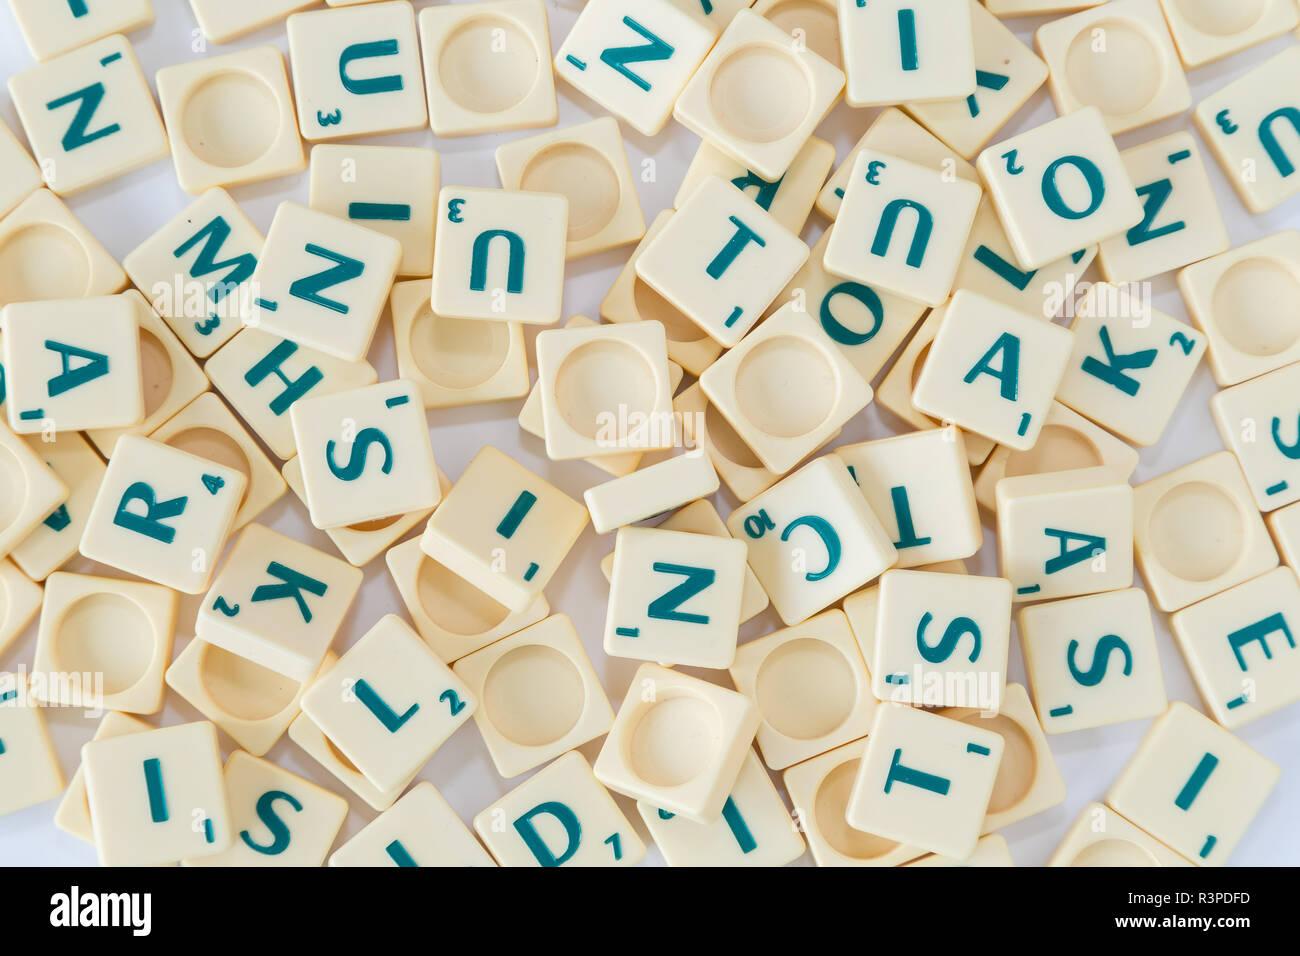 Stapel von Random SCRABBLE-Spiel Buchstabensteine mit Score Wert gemischt, Hintergrund, von oben gesehen. Stockfoto